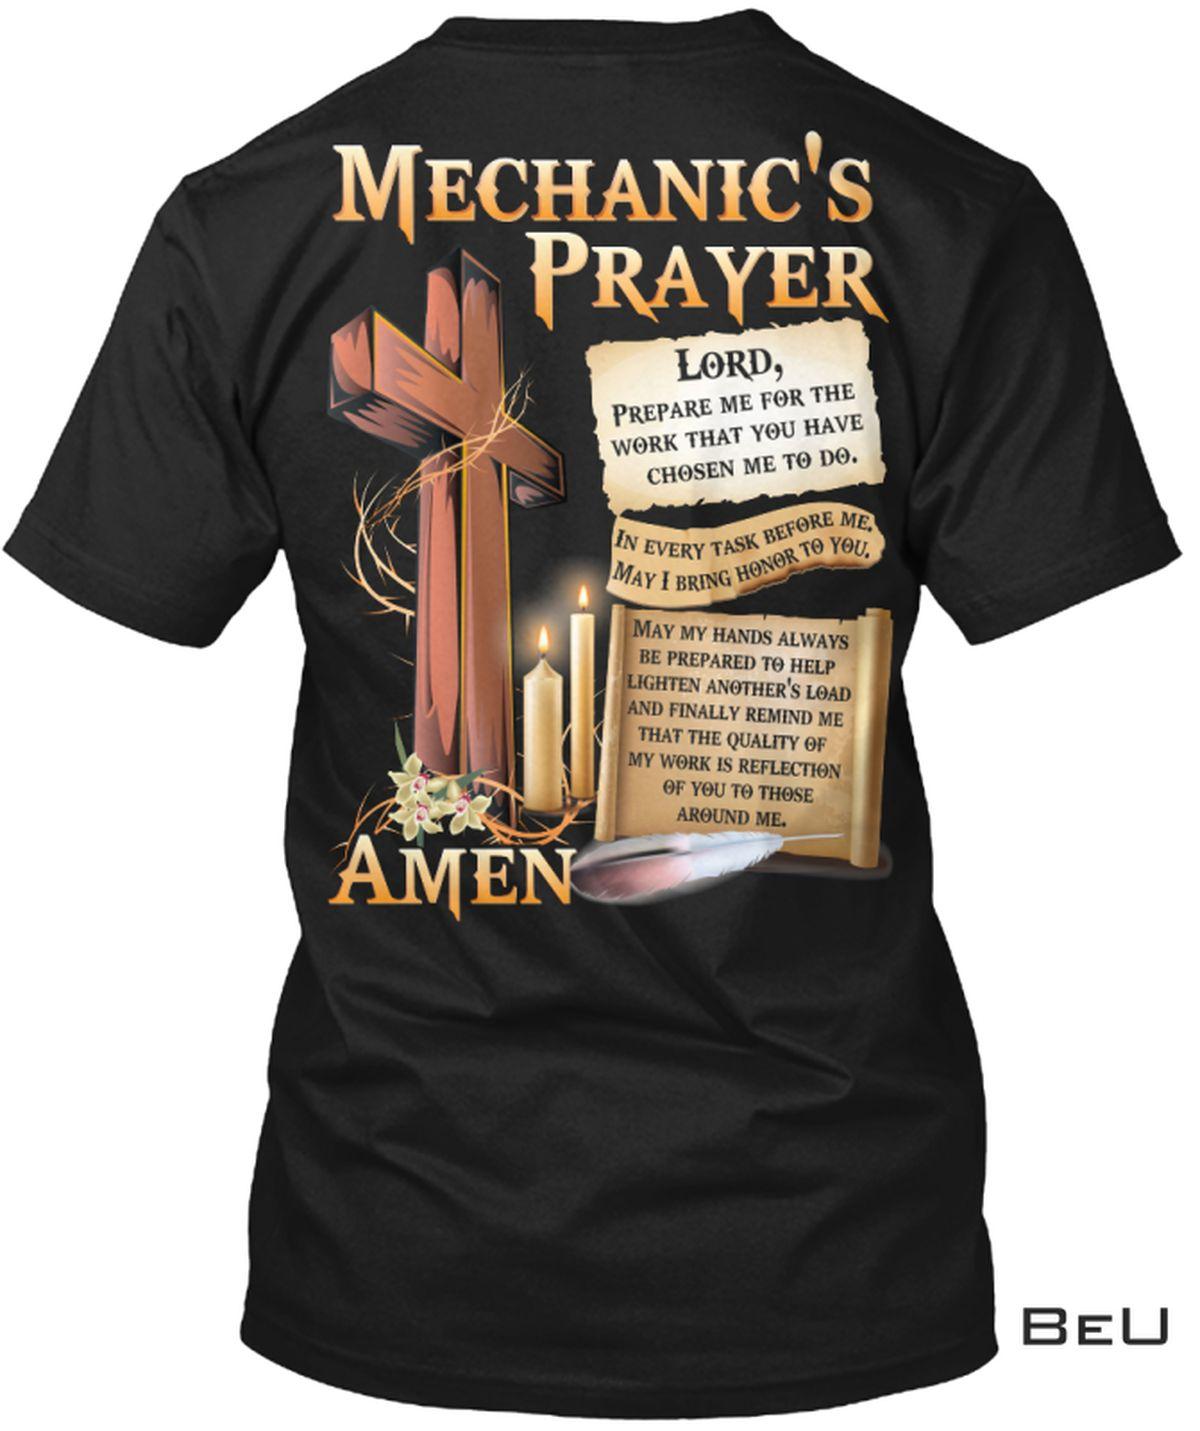 Mechanic's Prayer Amen Shirt, hoodie